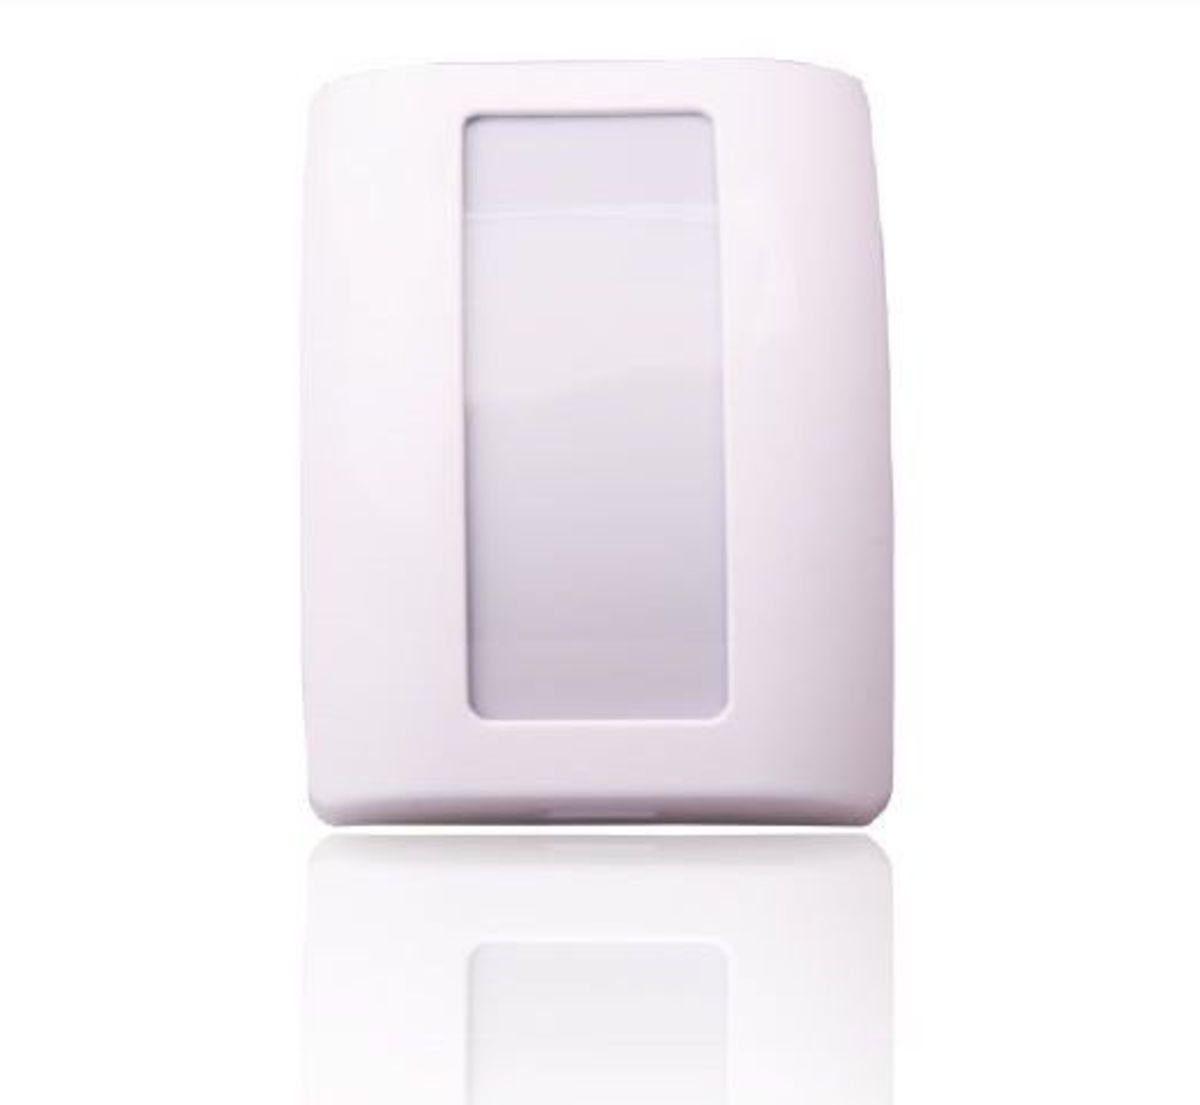 Blaupunkt Smart Home Zubehör »CIR- S1 Funk-Vorhang-Bewegungsmelder«